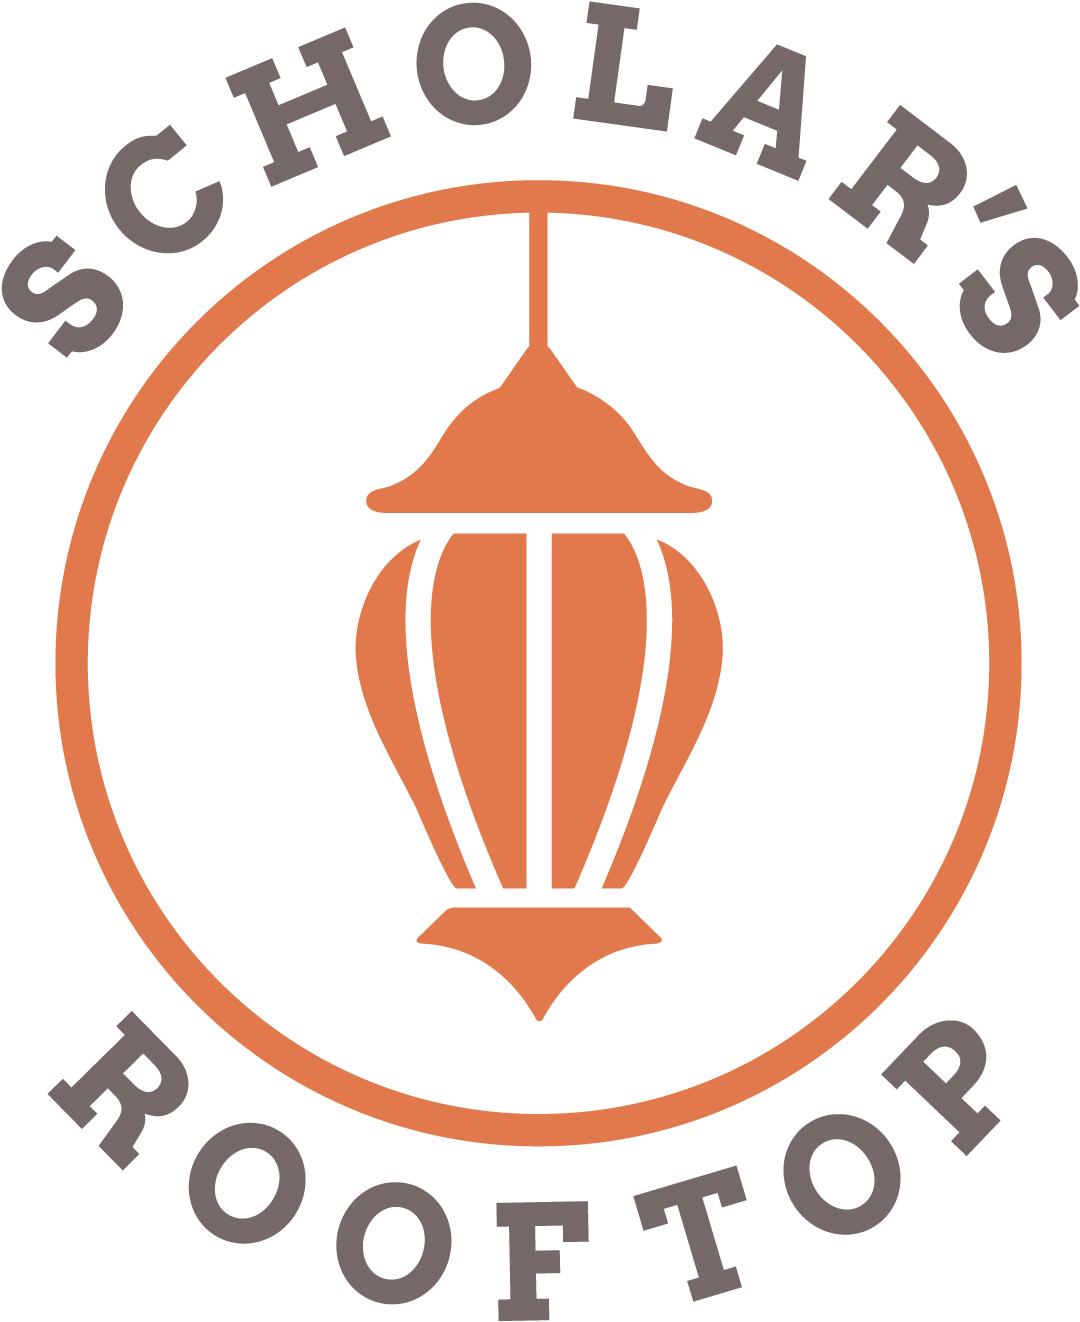 Rooftop logo 1